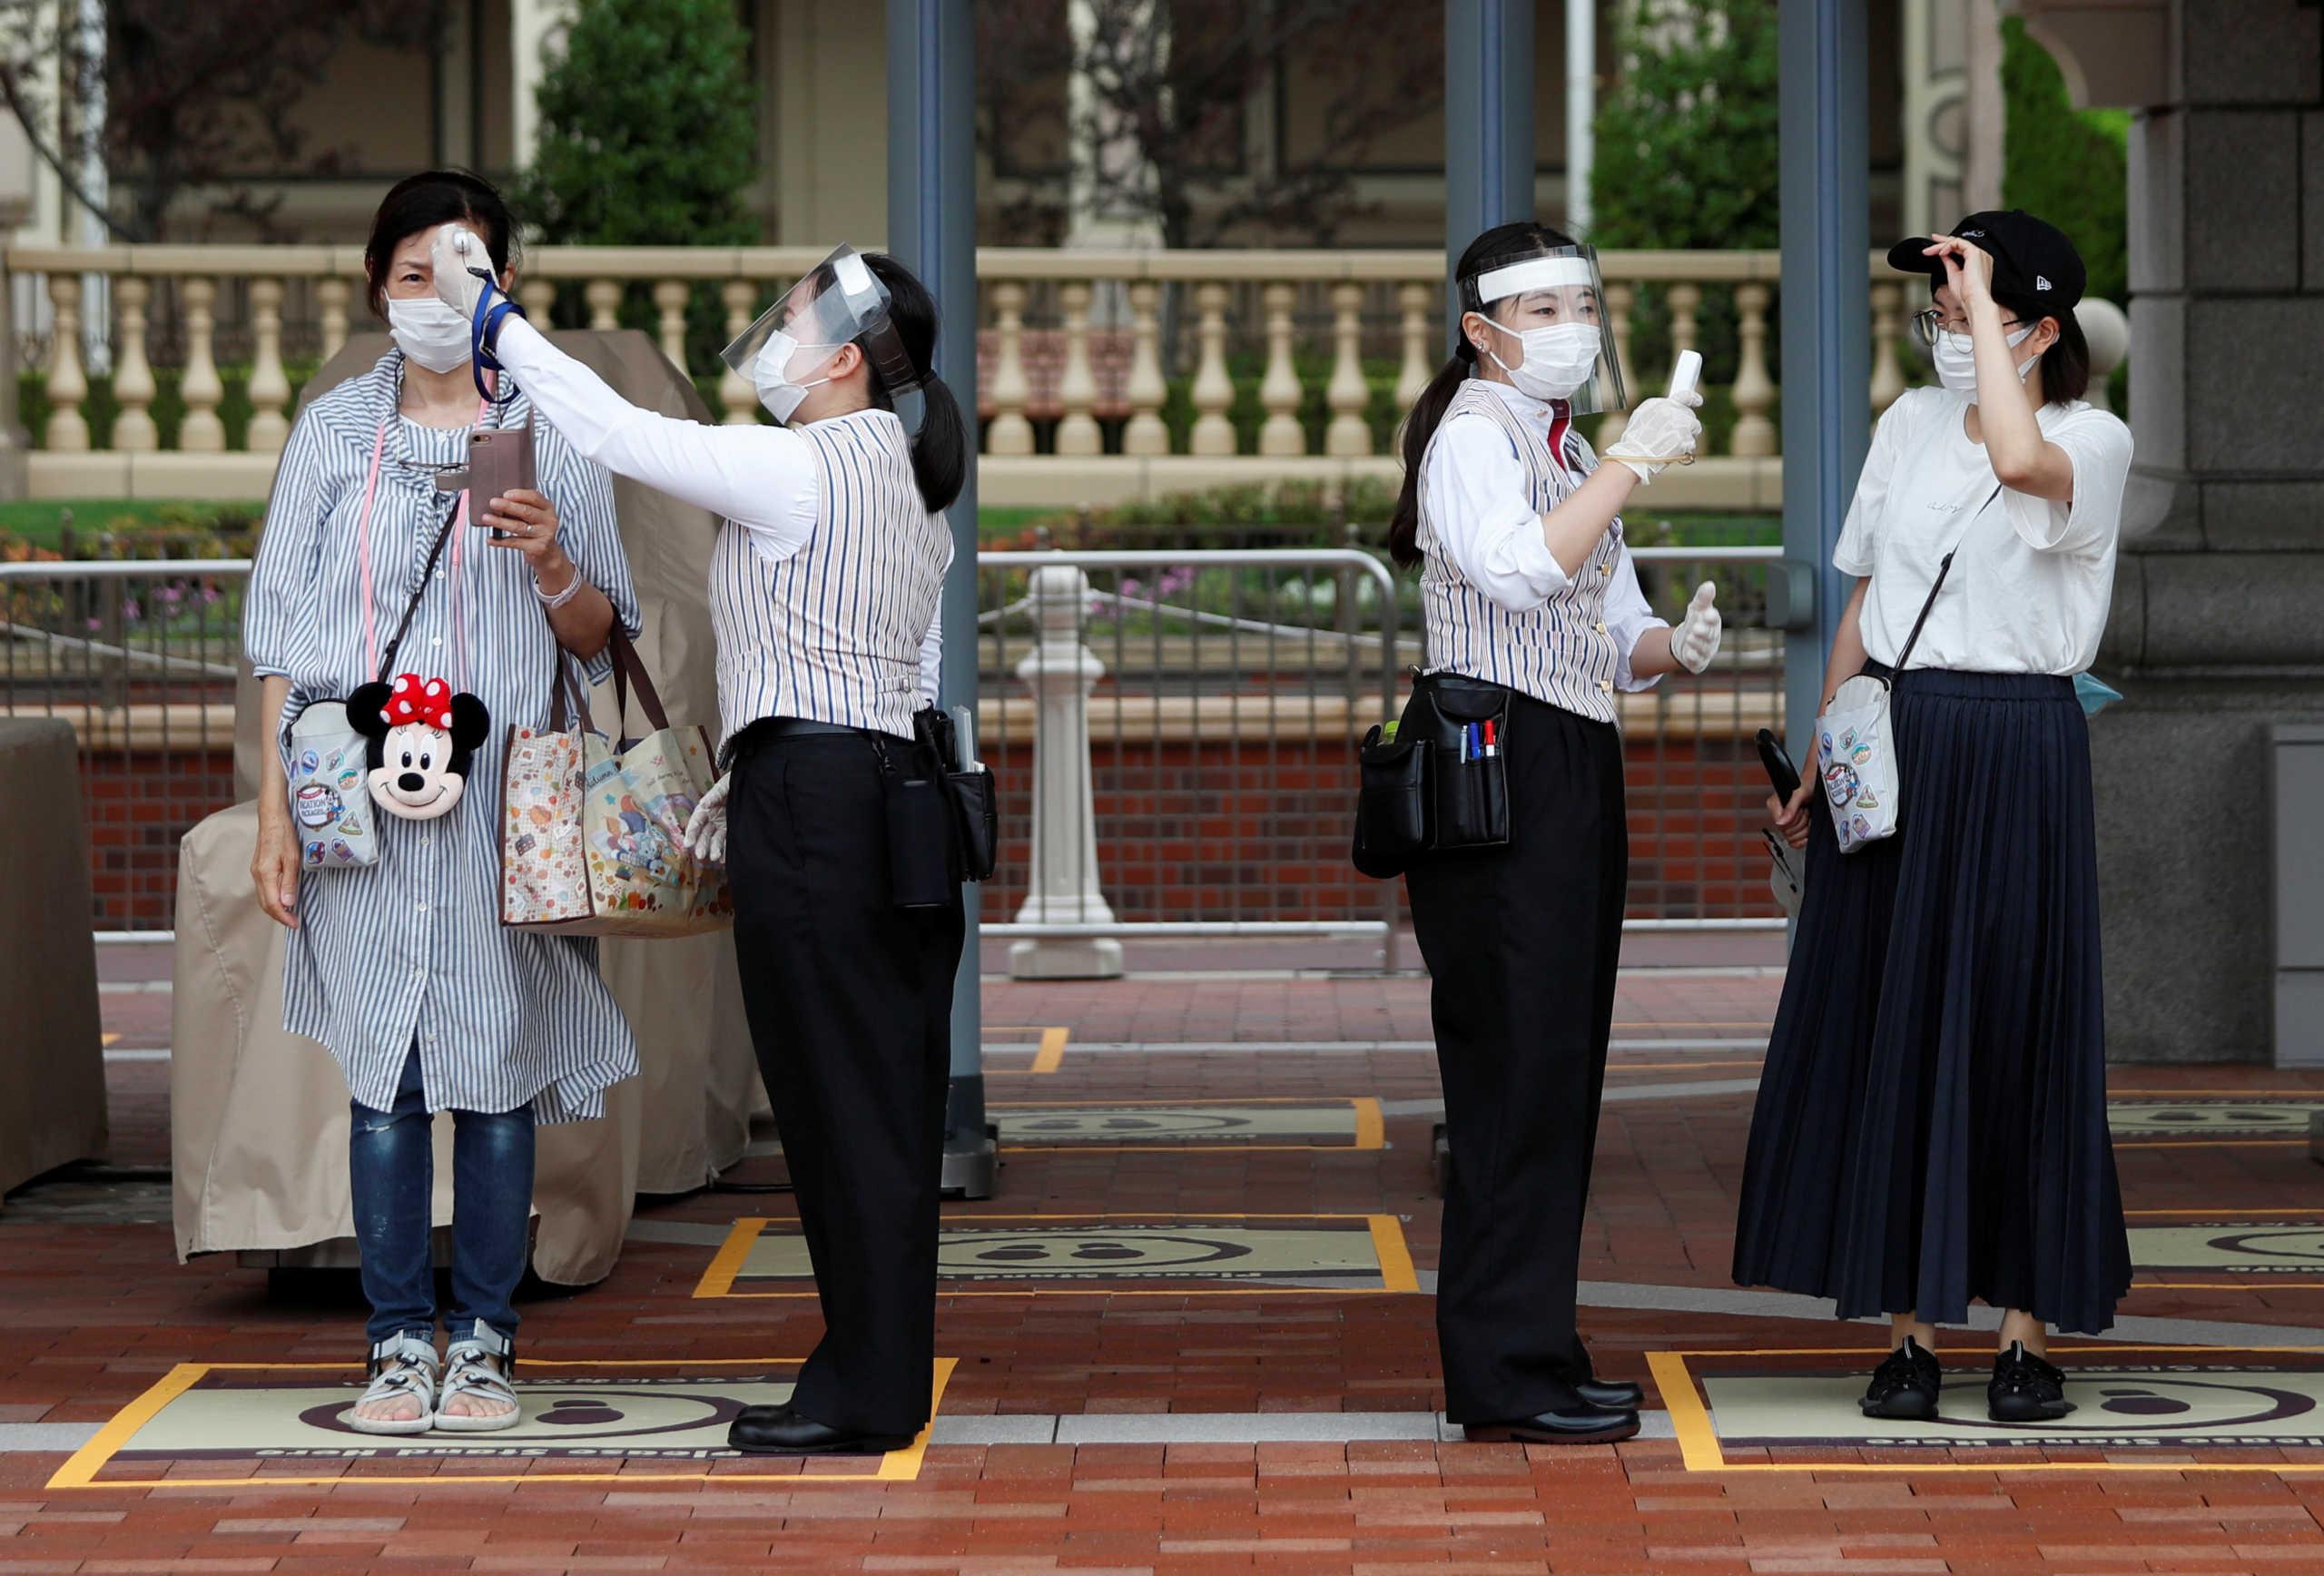 Ιαπωνία – Κορονοϊός: Ένα βήμα πριν από την κατάσταση έκτακτης ανάγκης η χώρα